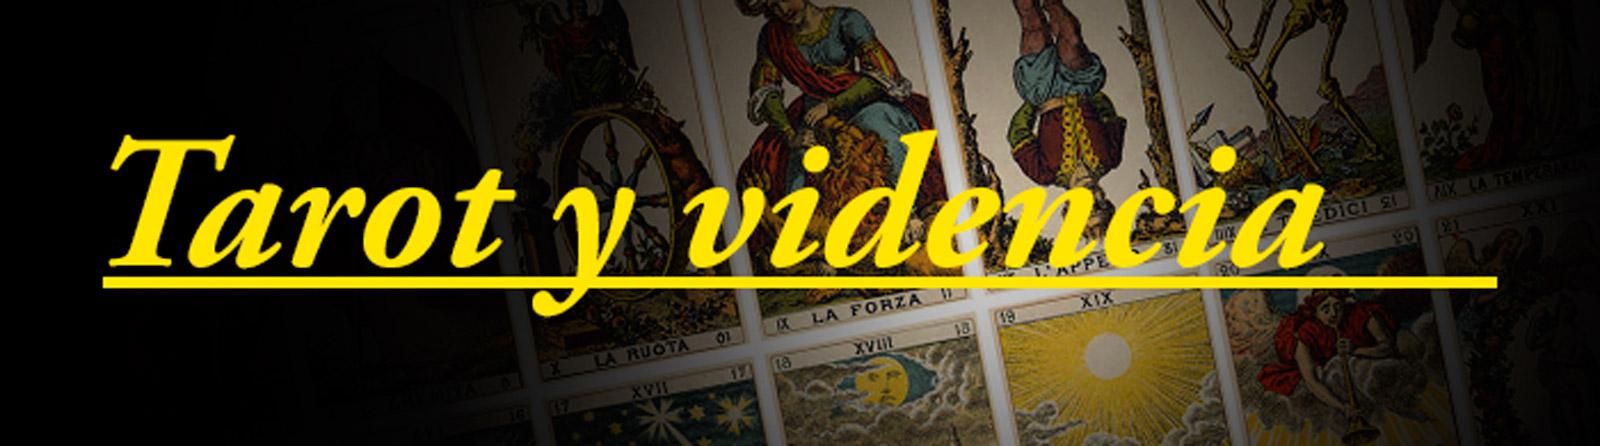 banner-tarotyvidencia